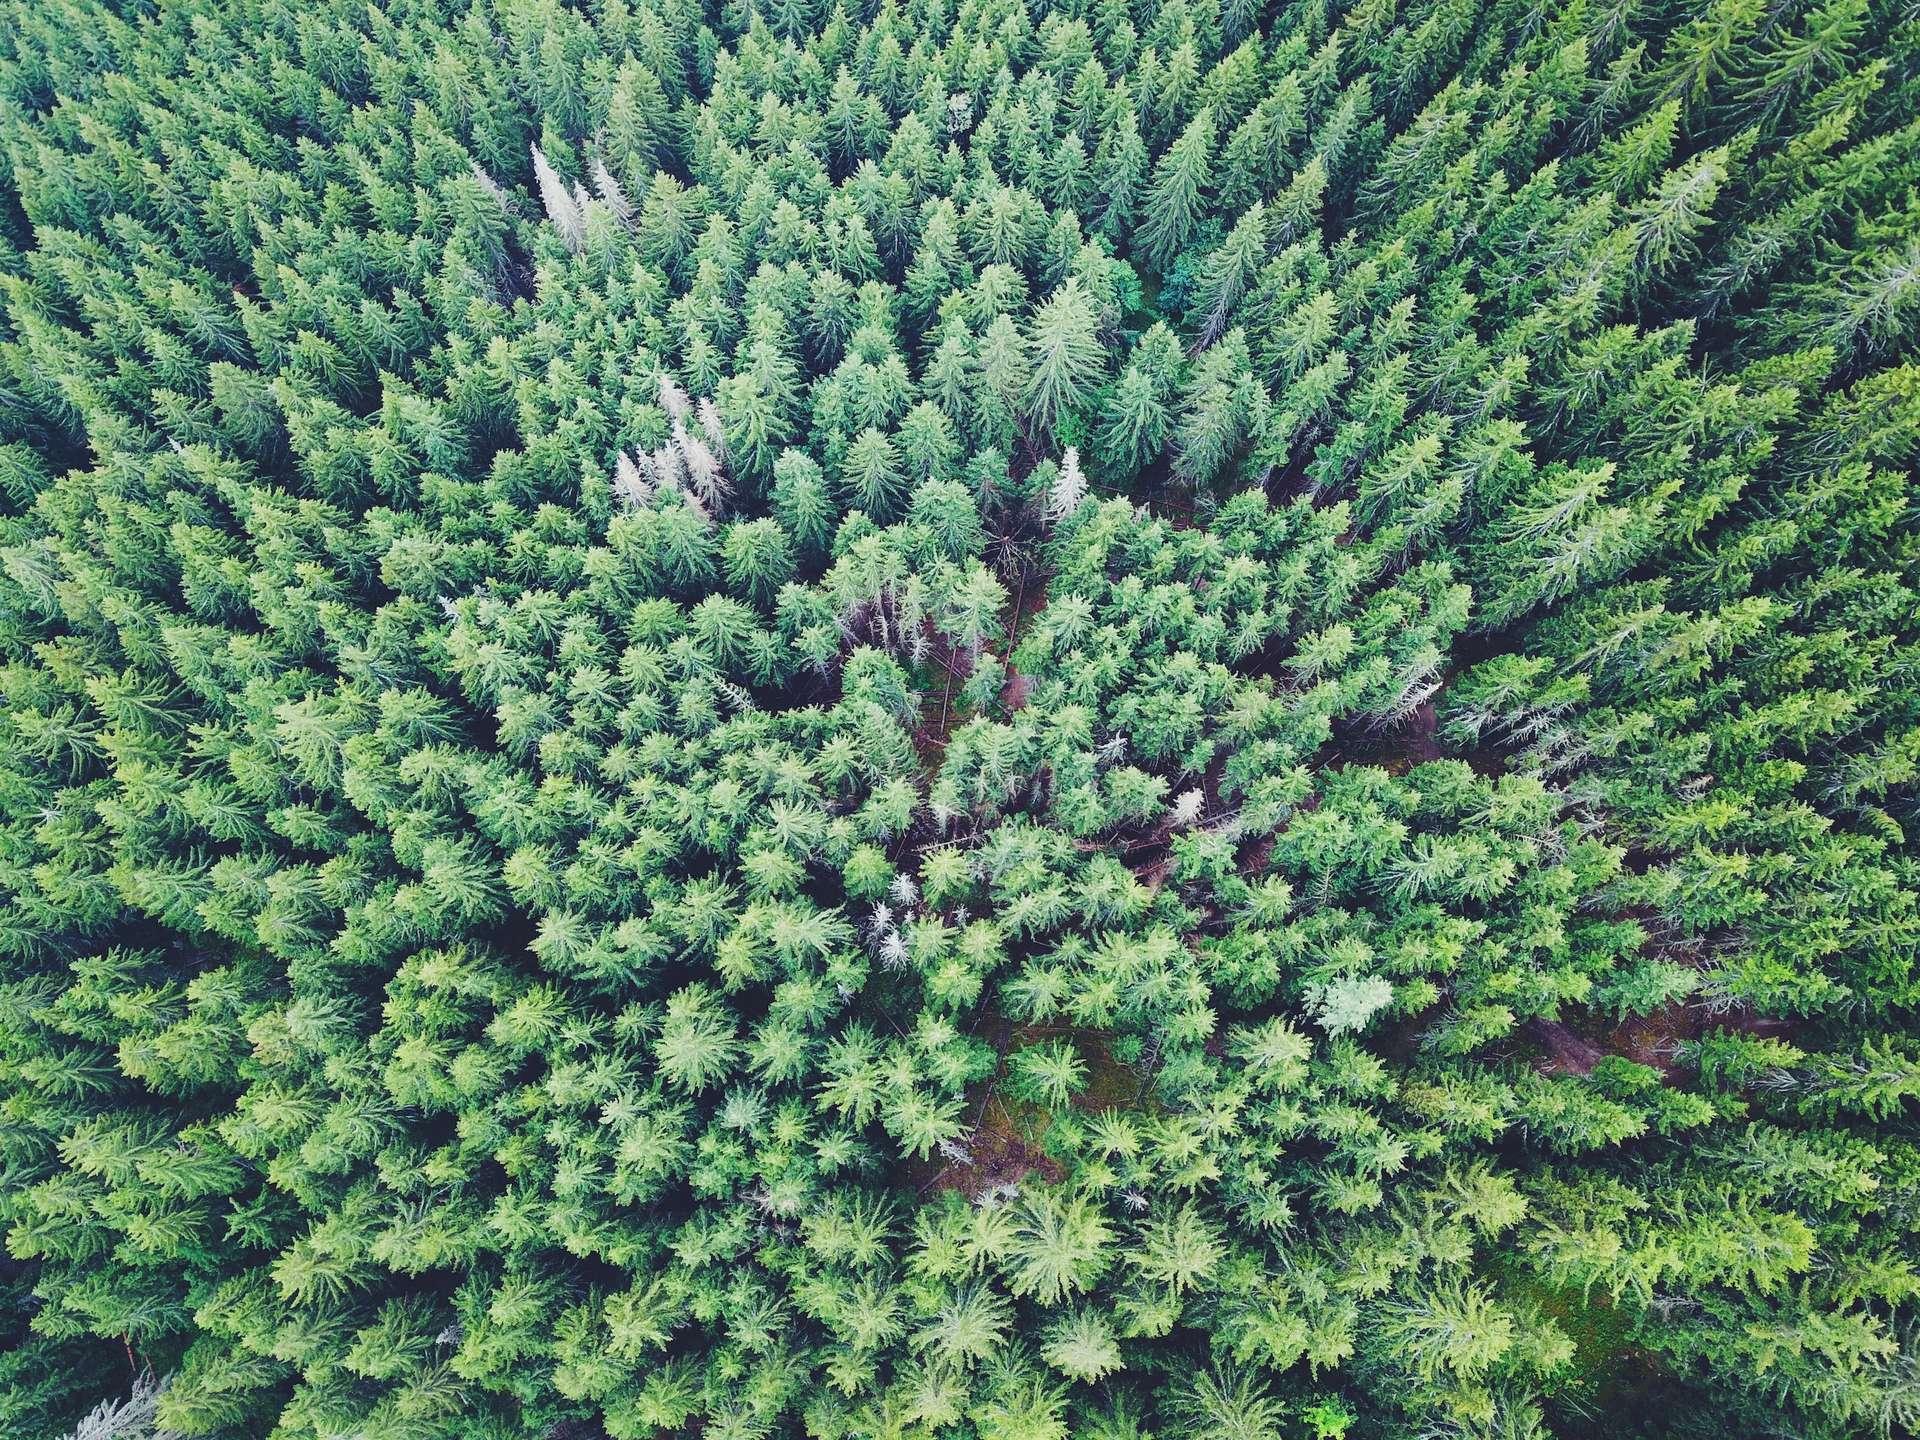 Les associations écologistes dénoncent la trop large part accordée aux épicéas dans le plan de reboisement irlandais. © Ties Rademacher, Unspash